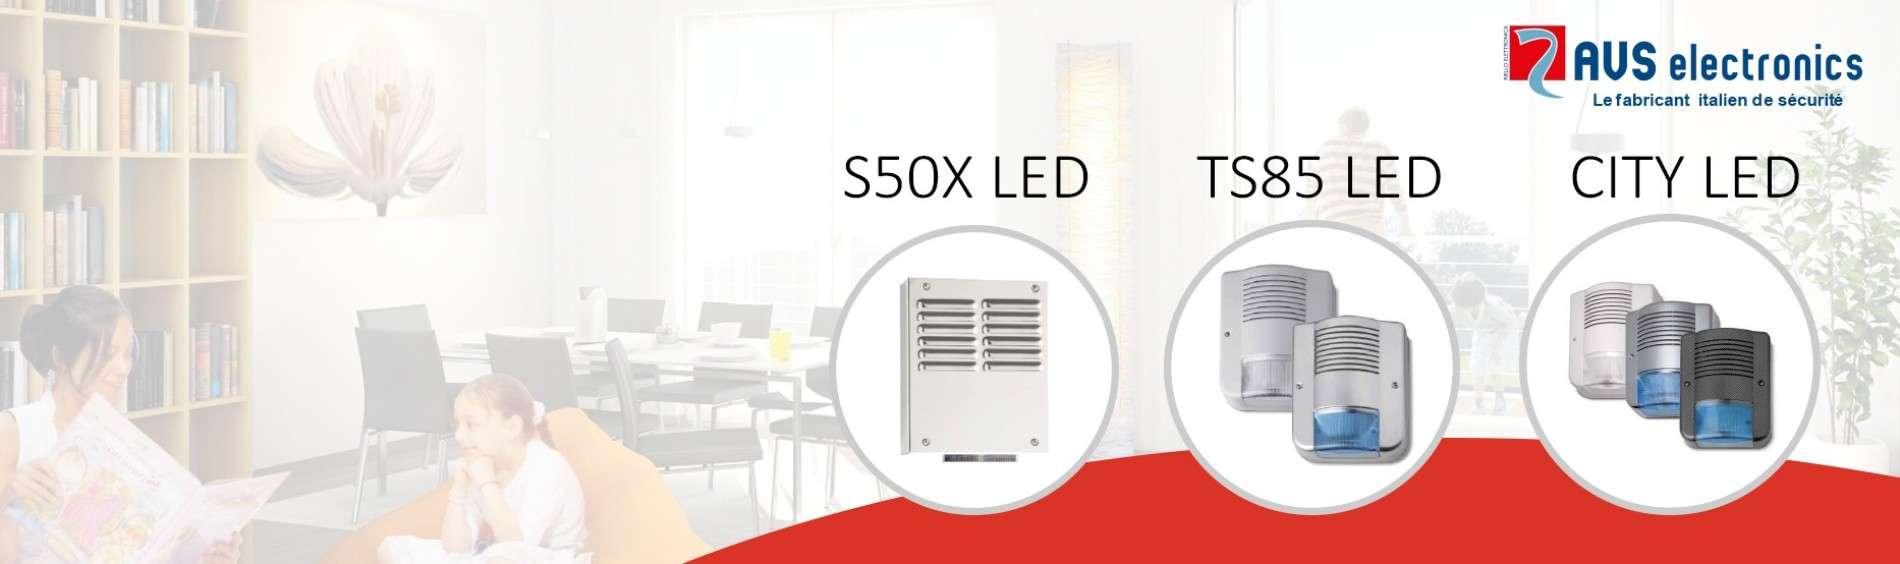 AVS Electronics <br> Ontdek onze nieuwe sirenes, Alliantie tussen kwaliteit en design.